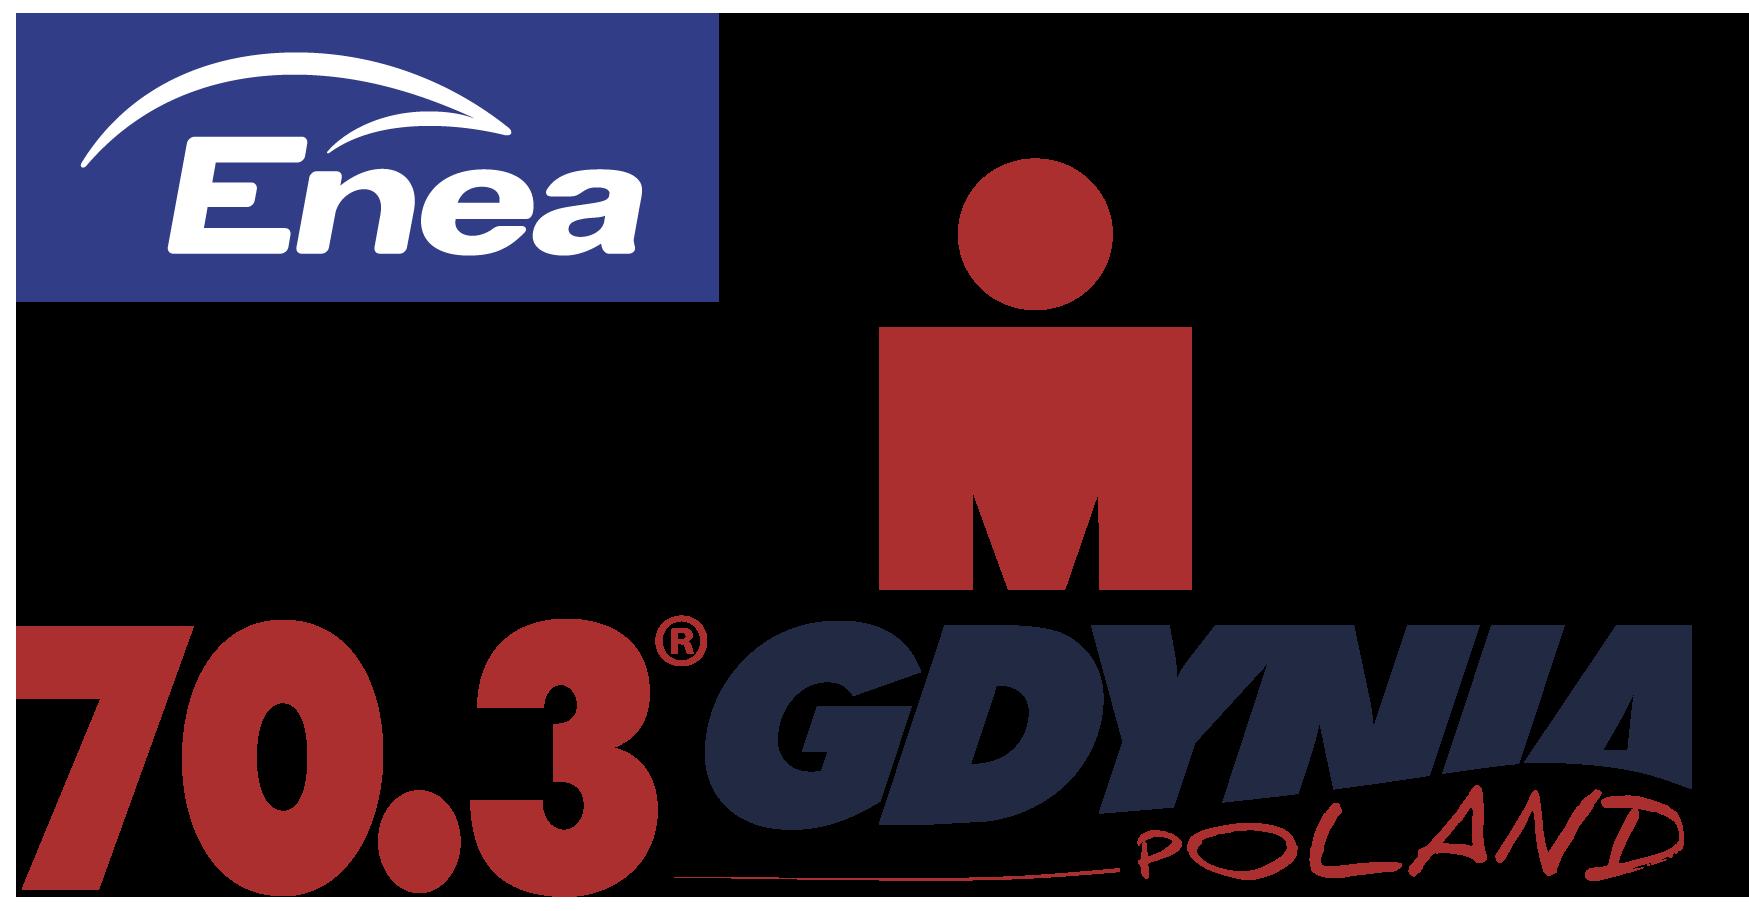 Official Enea IRONMAN 70.3 Gdynia race logo